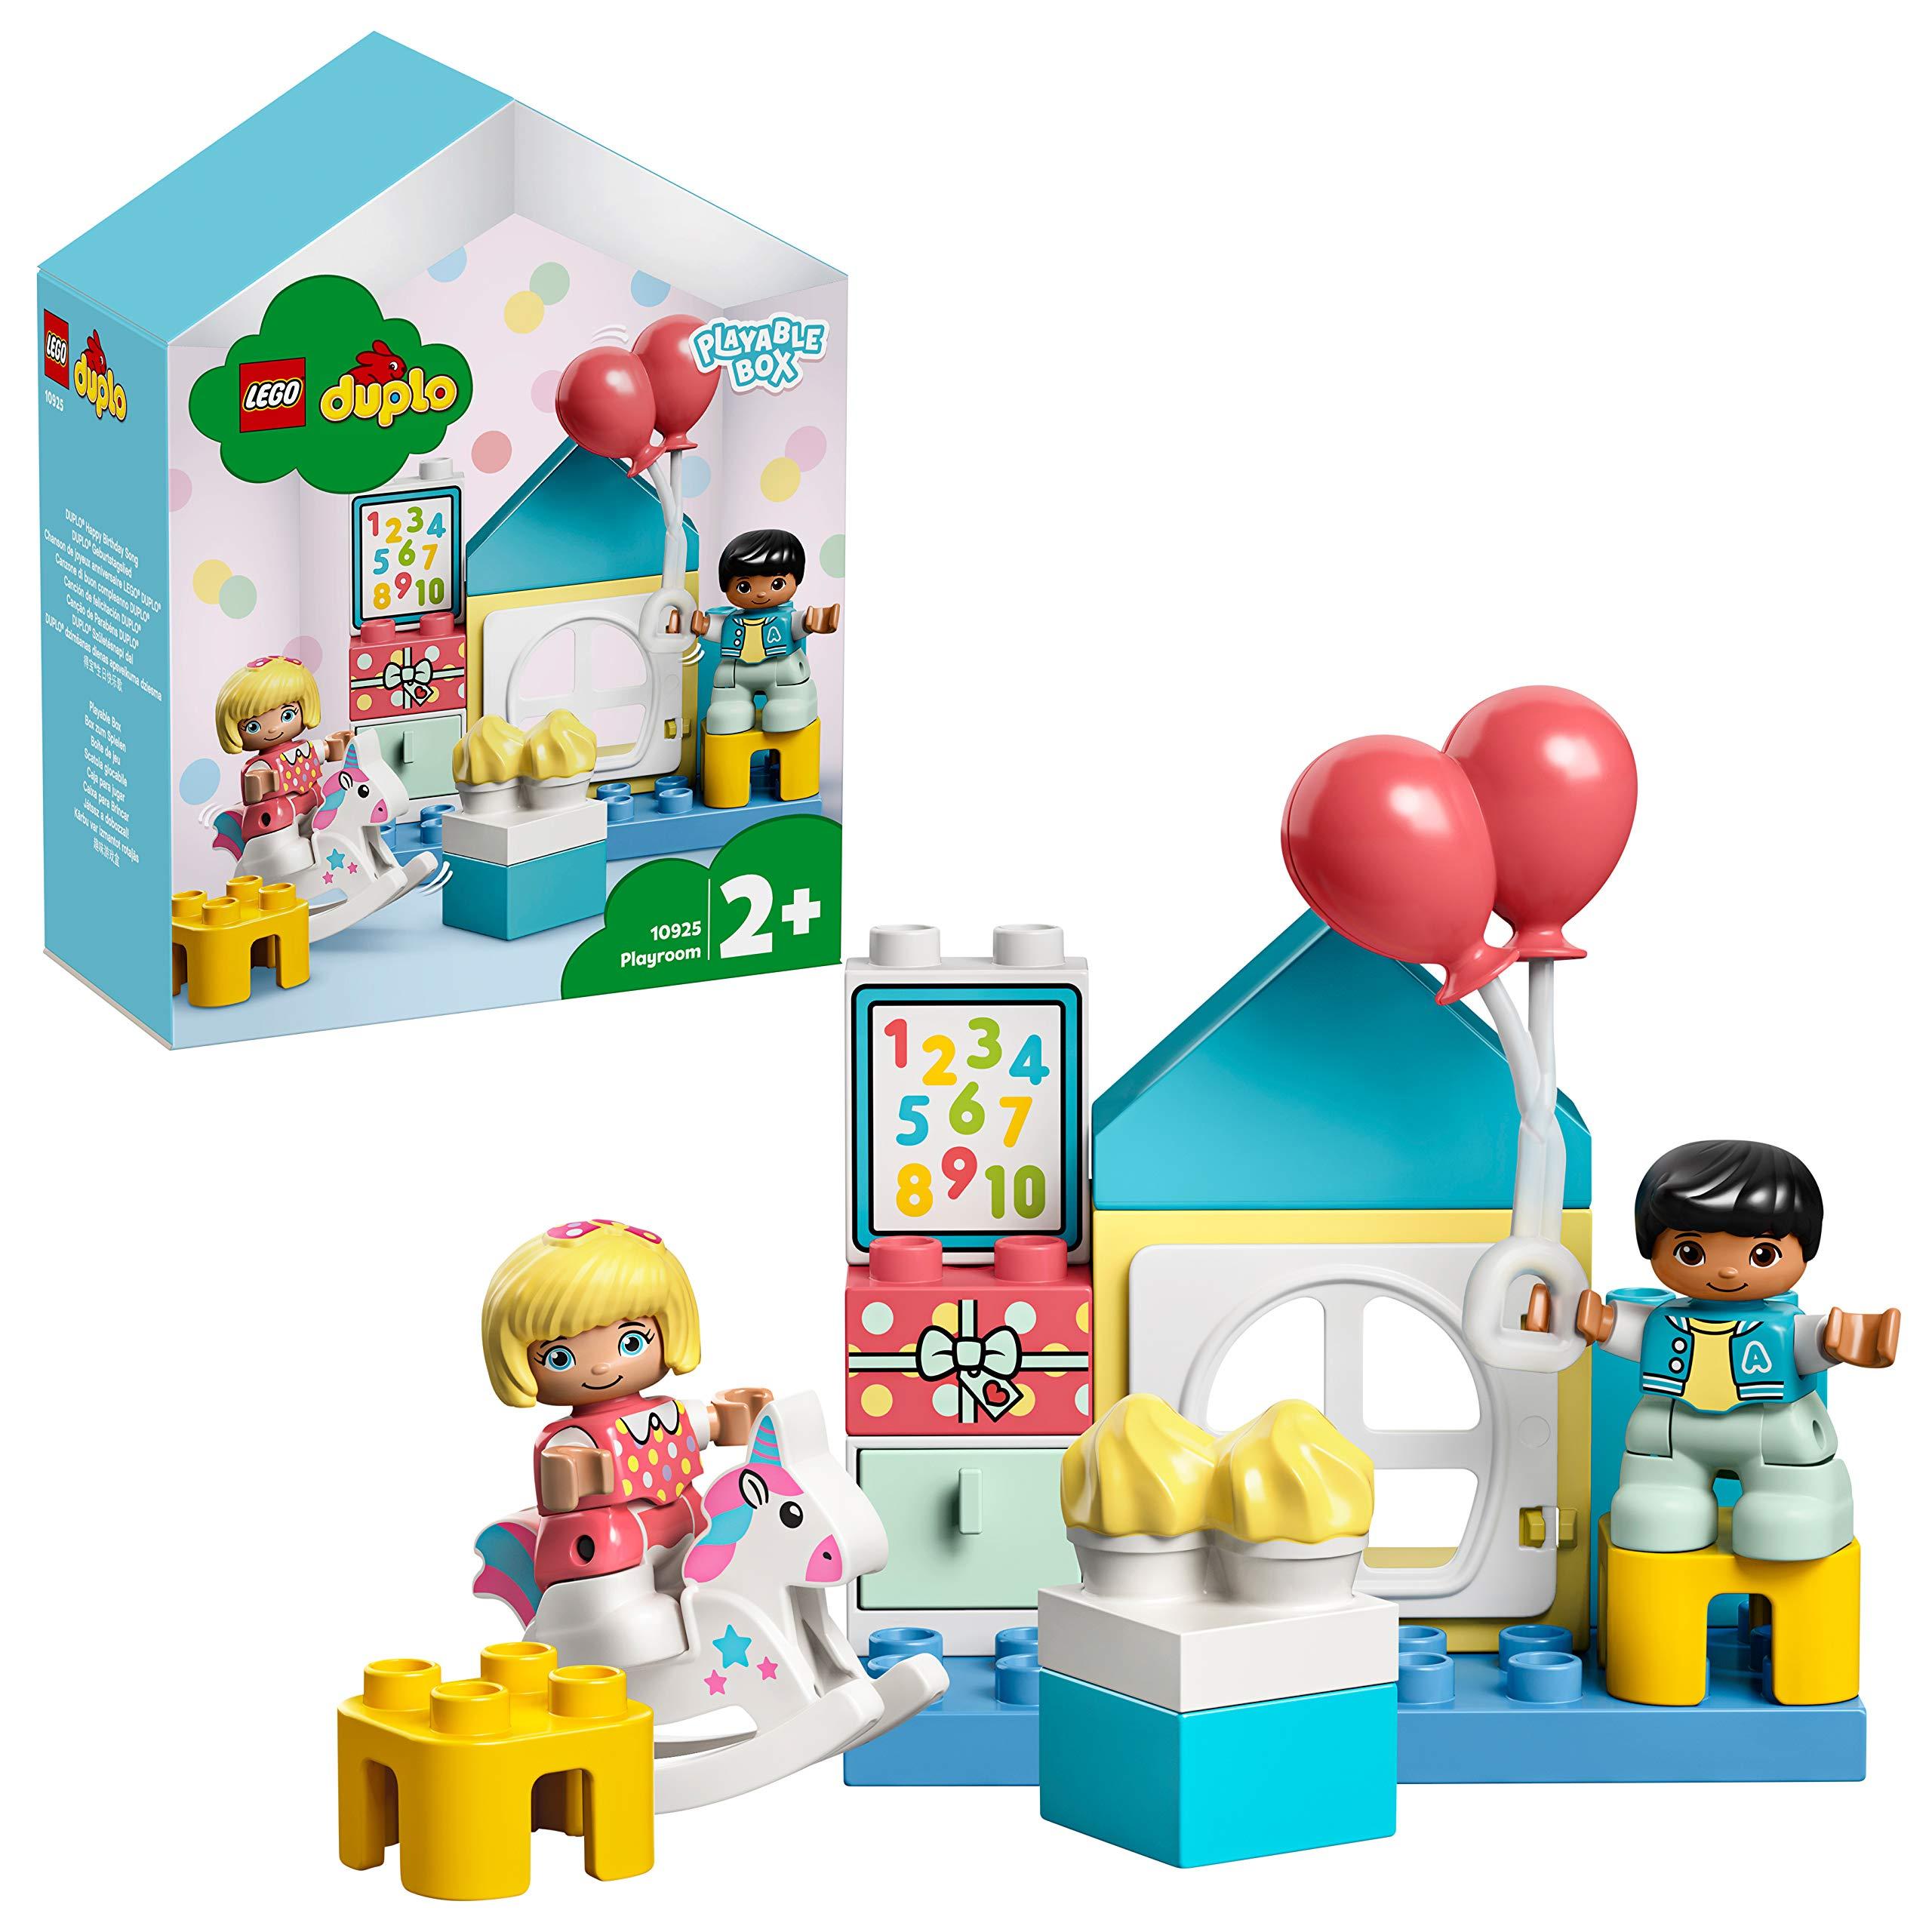 LEGO DUPLO Town - Cuarto de Juegos, Caja con Ladrillos de LEGO para Construir y Desarrollar la Creatividad, Incluye Muñecos para Recrear Escenas Cotidianas, a Partir de 2 Años (10925): Amazon.es: Juguetes